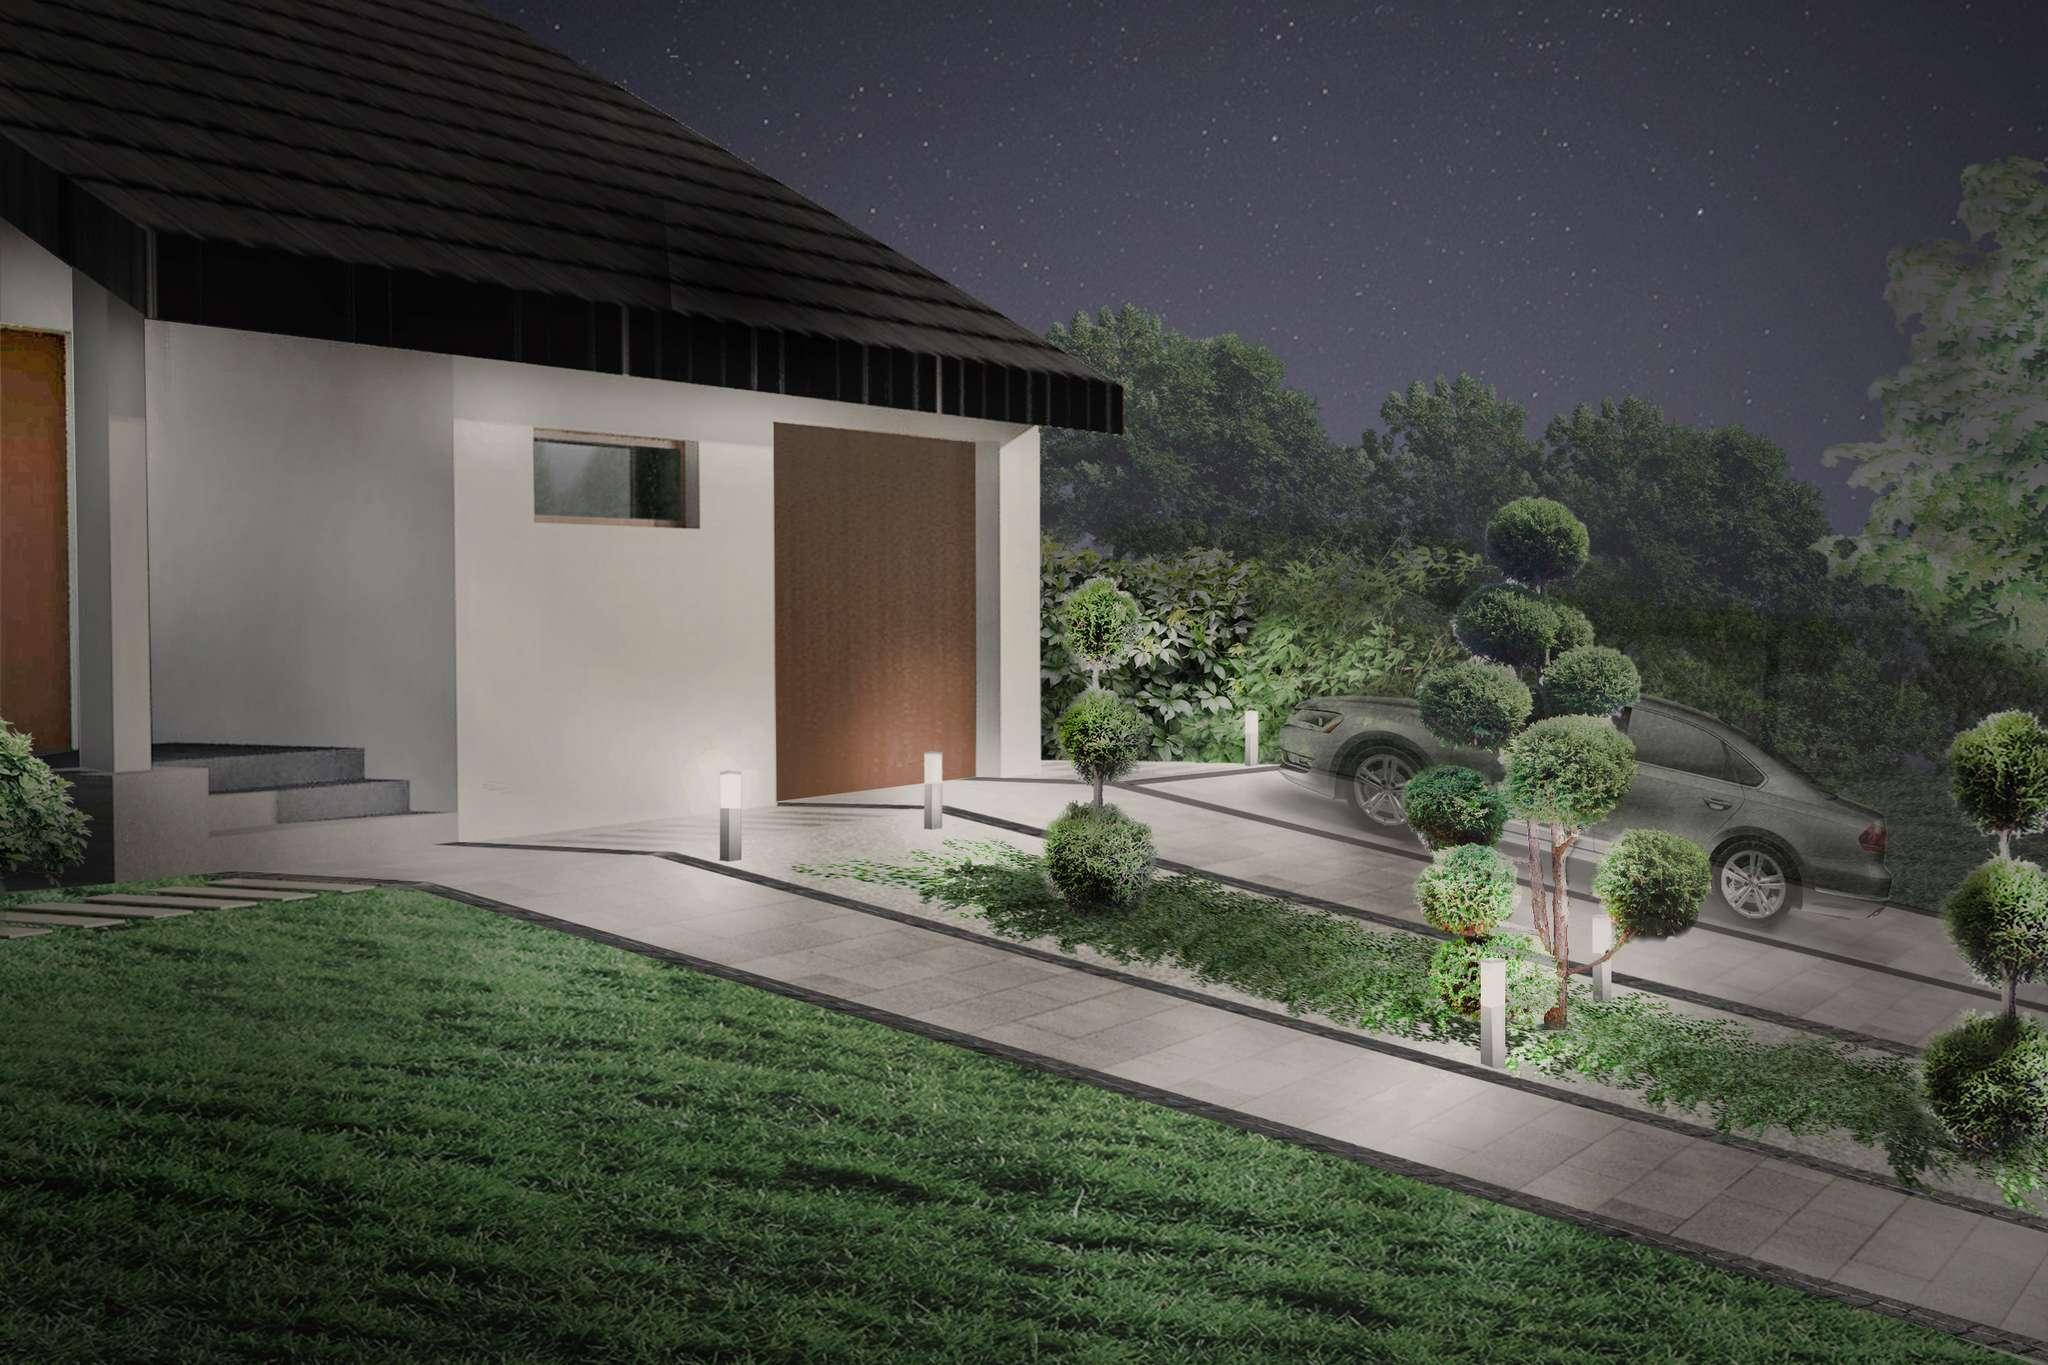 ogród geometryczny wizualizacja oświetlenia w ogrodzie